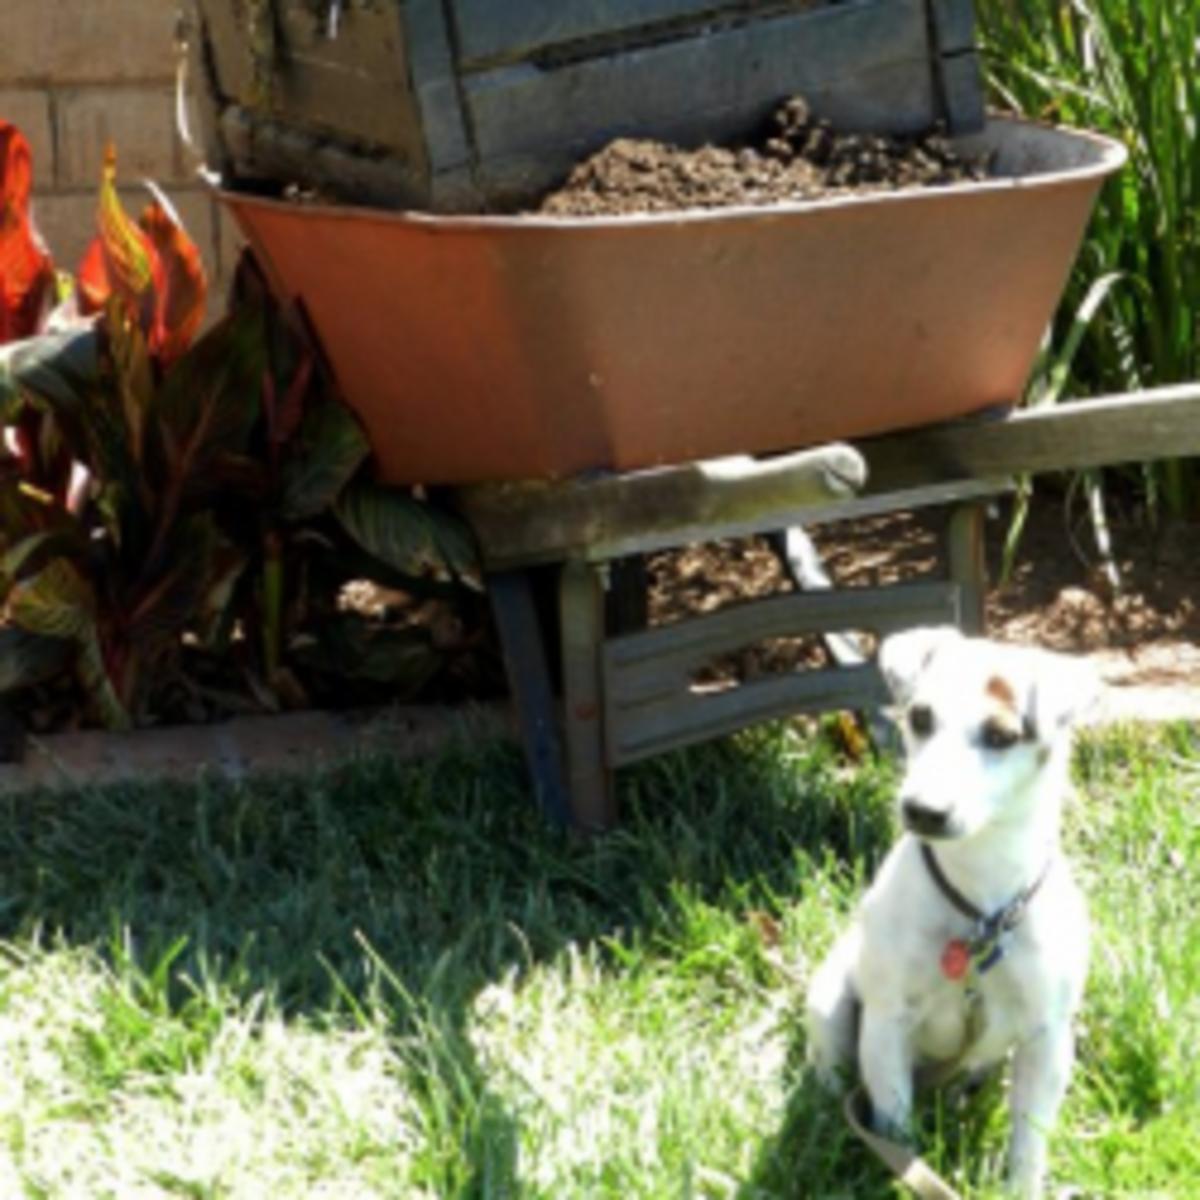 Make A Base for Your Garden Gourmet Compost Bin